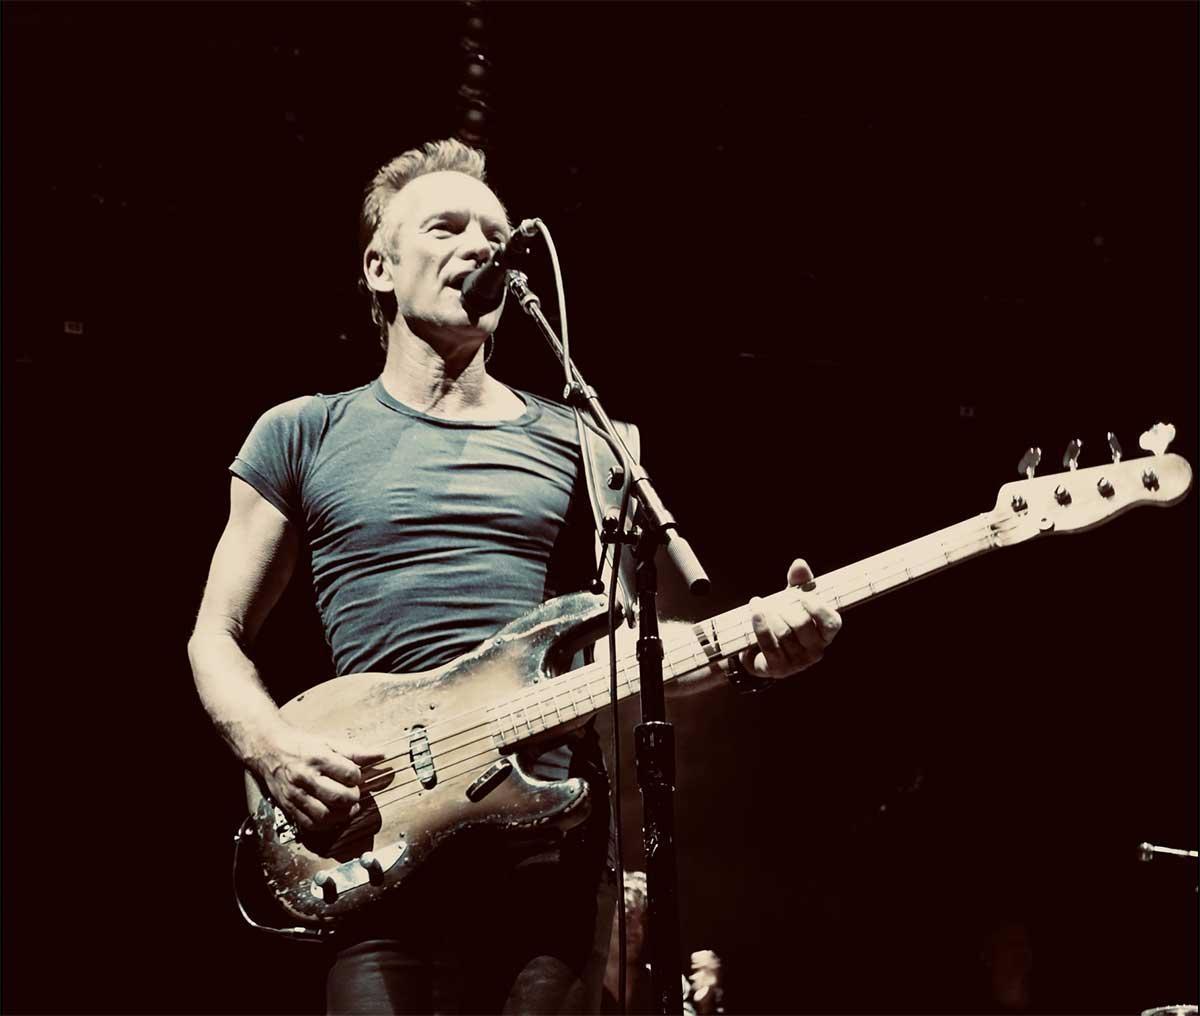 Veranstaltungsbild zu Sting mit 'My Songs' Open-Air in Mönchengladbach